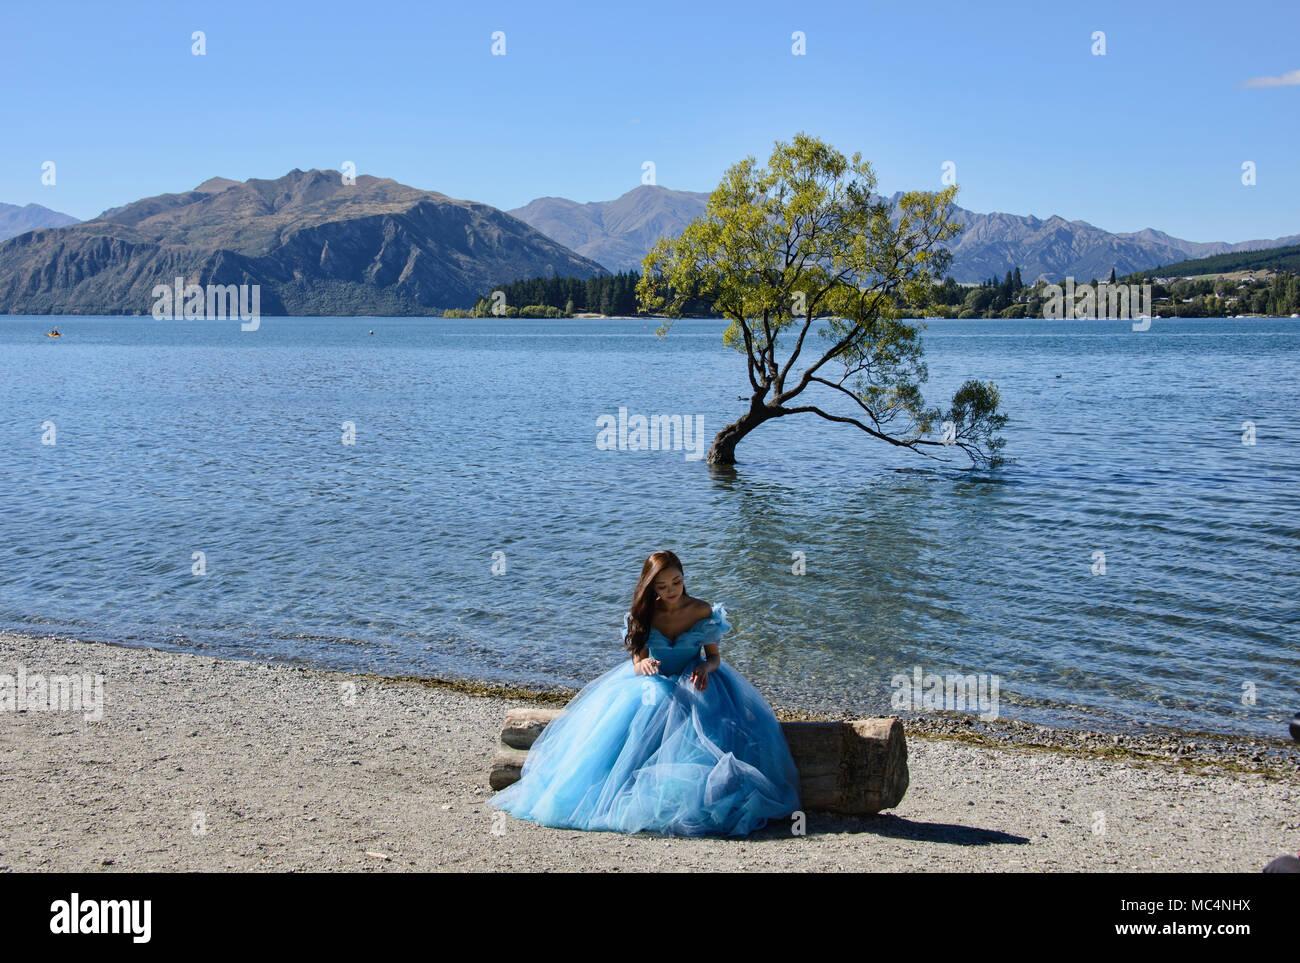 The famed Wanaka Tree, Lake Wanaka, New Zealand Stock Photo - Alamy